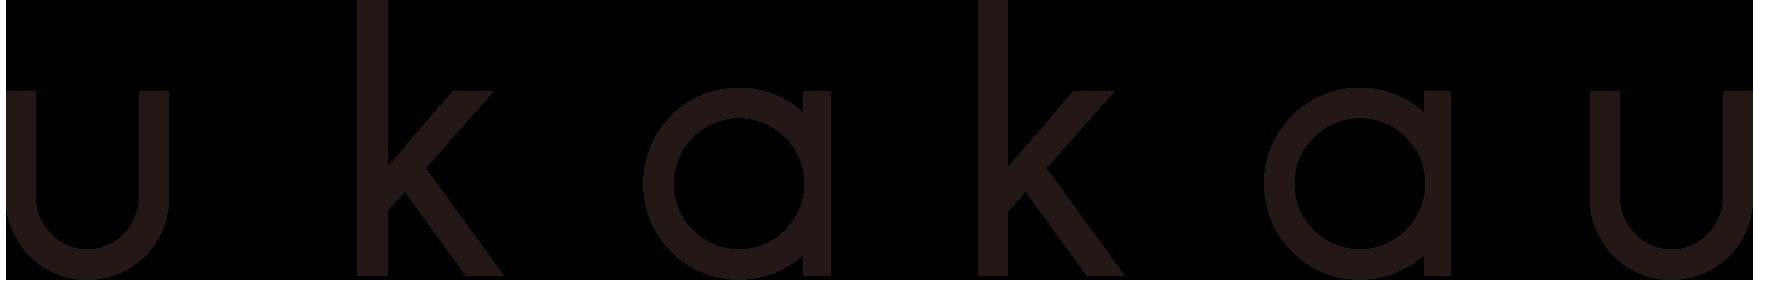 ウカカウはukaの公式Web Shopです